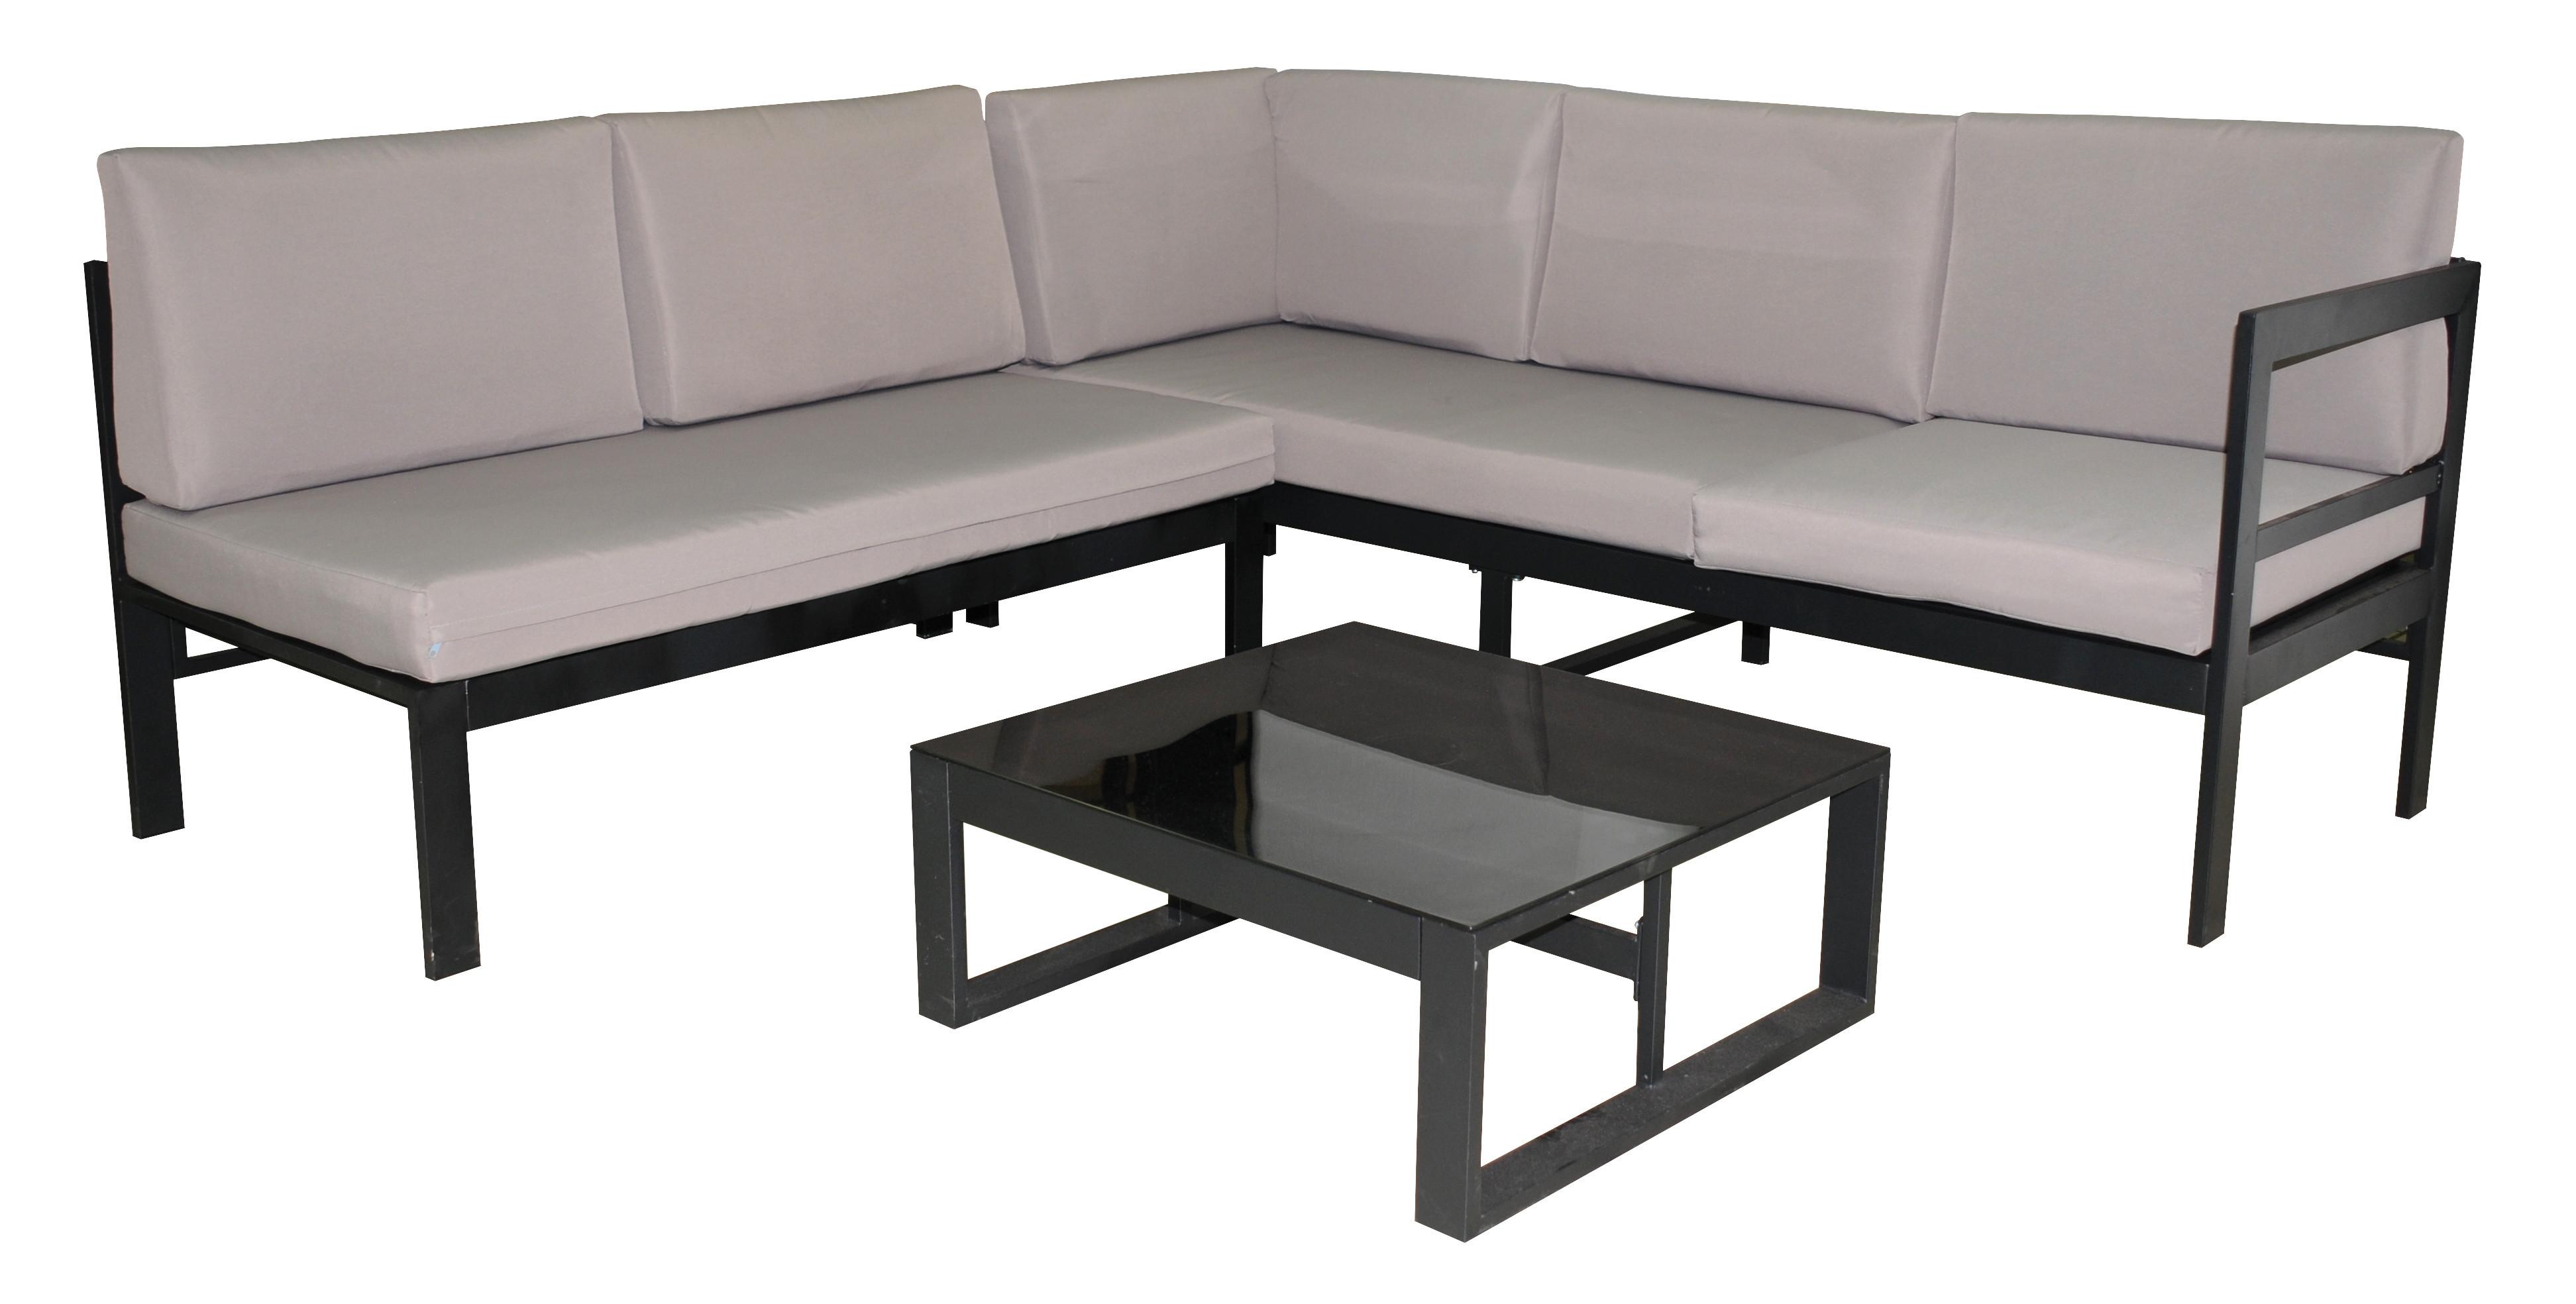 Ensemble salon de jardin métal & textile 1 canapé d'angle +